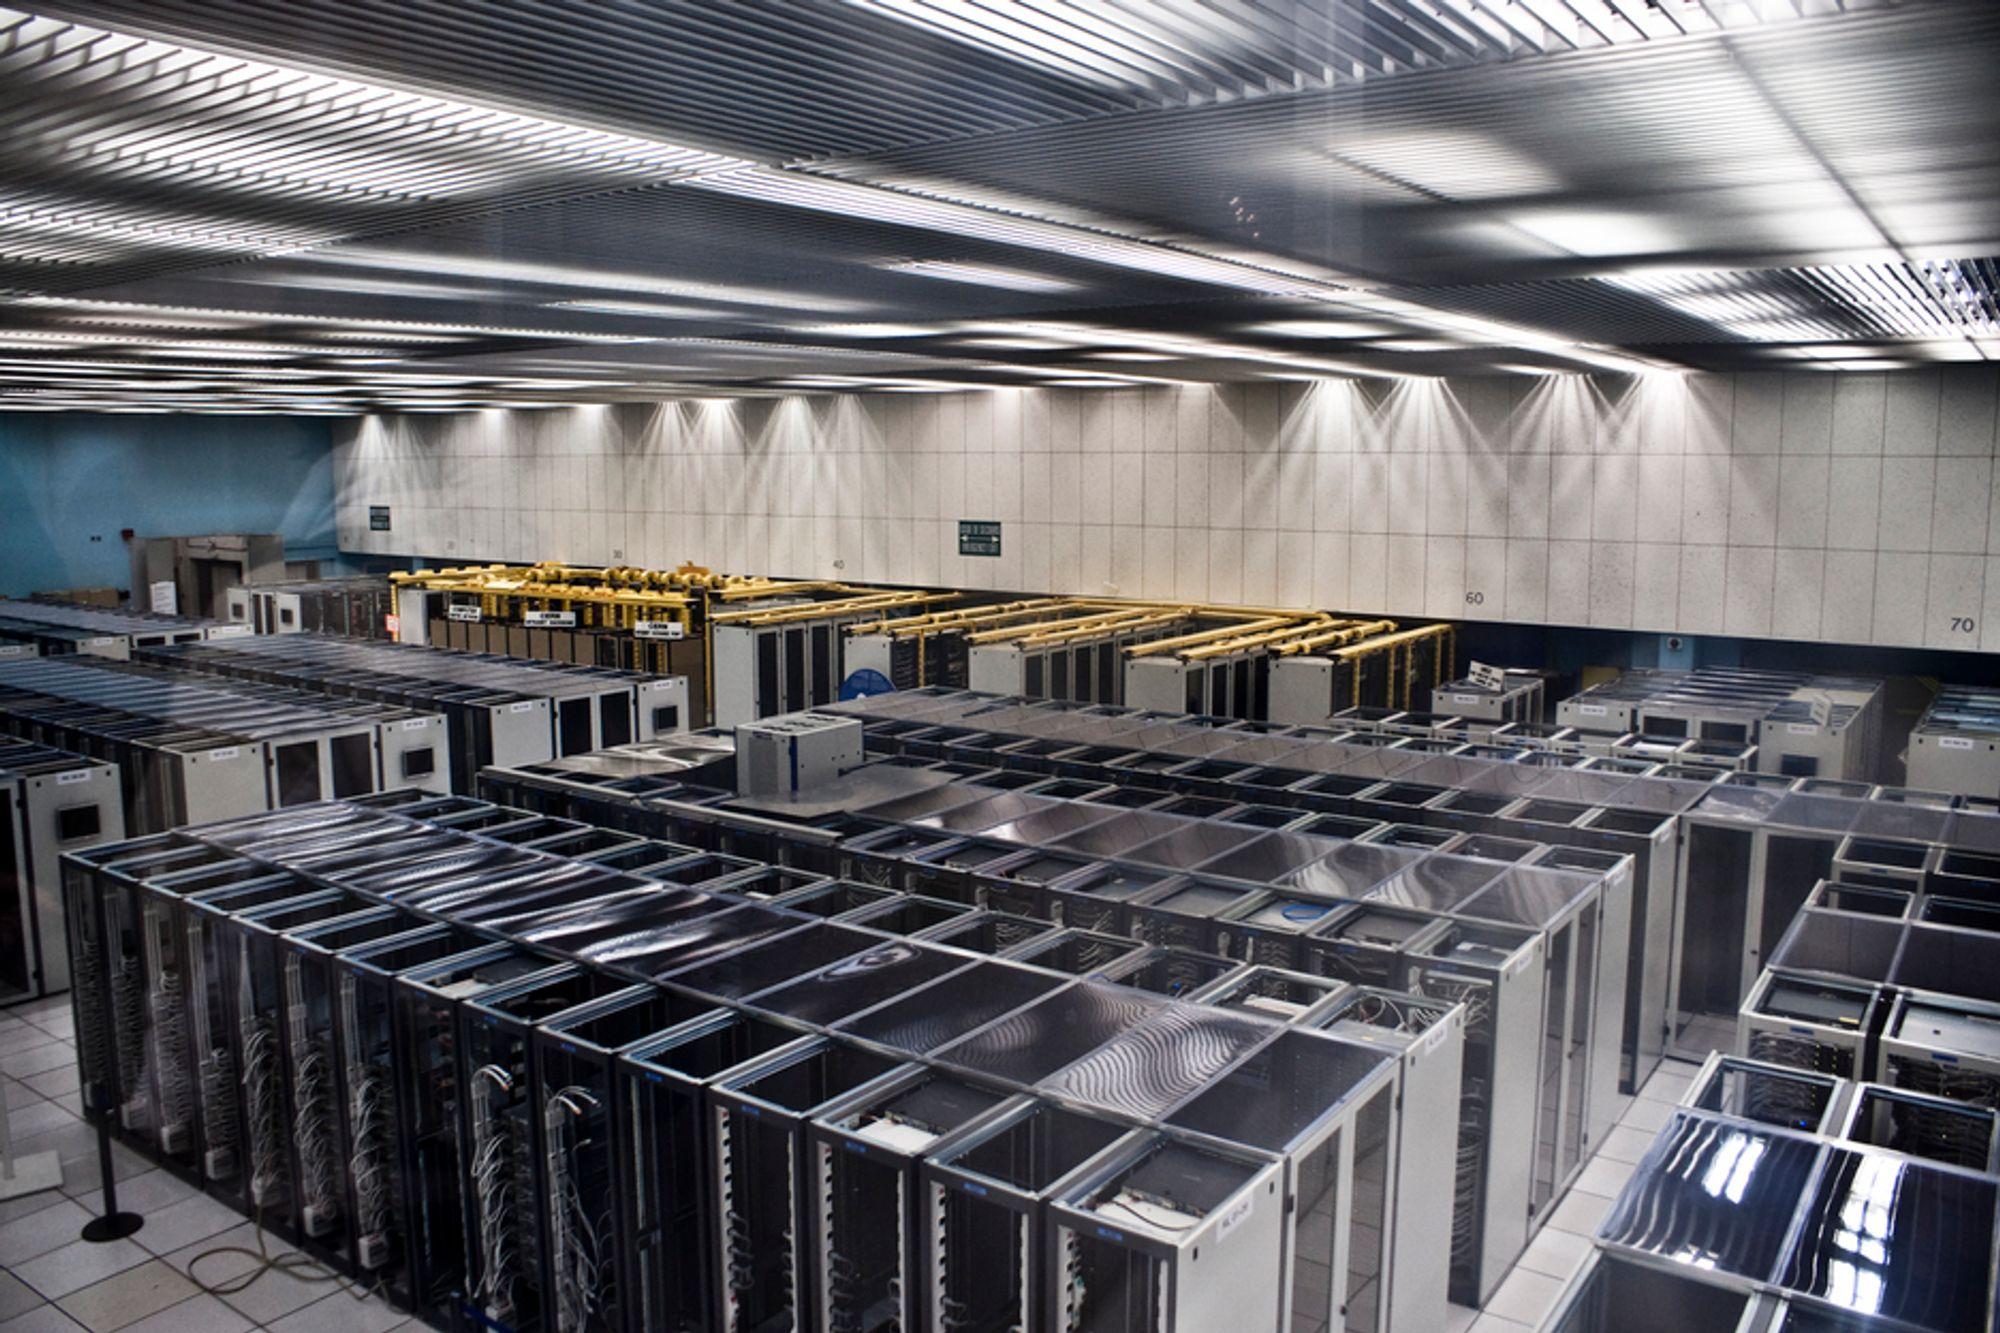 KAPASITET: Forskningsvirksomheten ved CERN, med blant annet partikkelakselleratoren, krever rikelig med kapasitet til lagring og prosessering av data, og norske myndigheter gikk i utgangspunktet glipp av muligheten til å sikre seg denne aktiviteten.